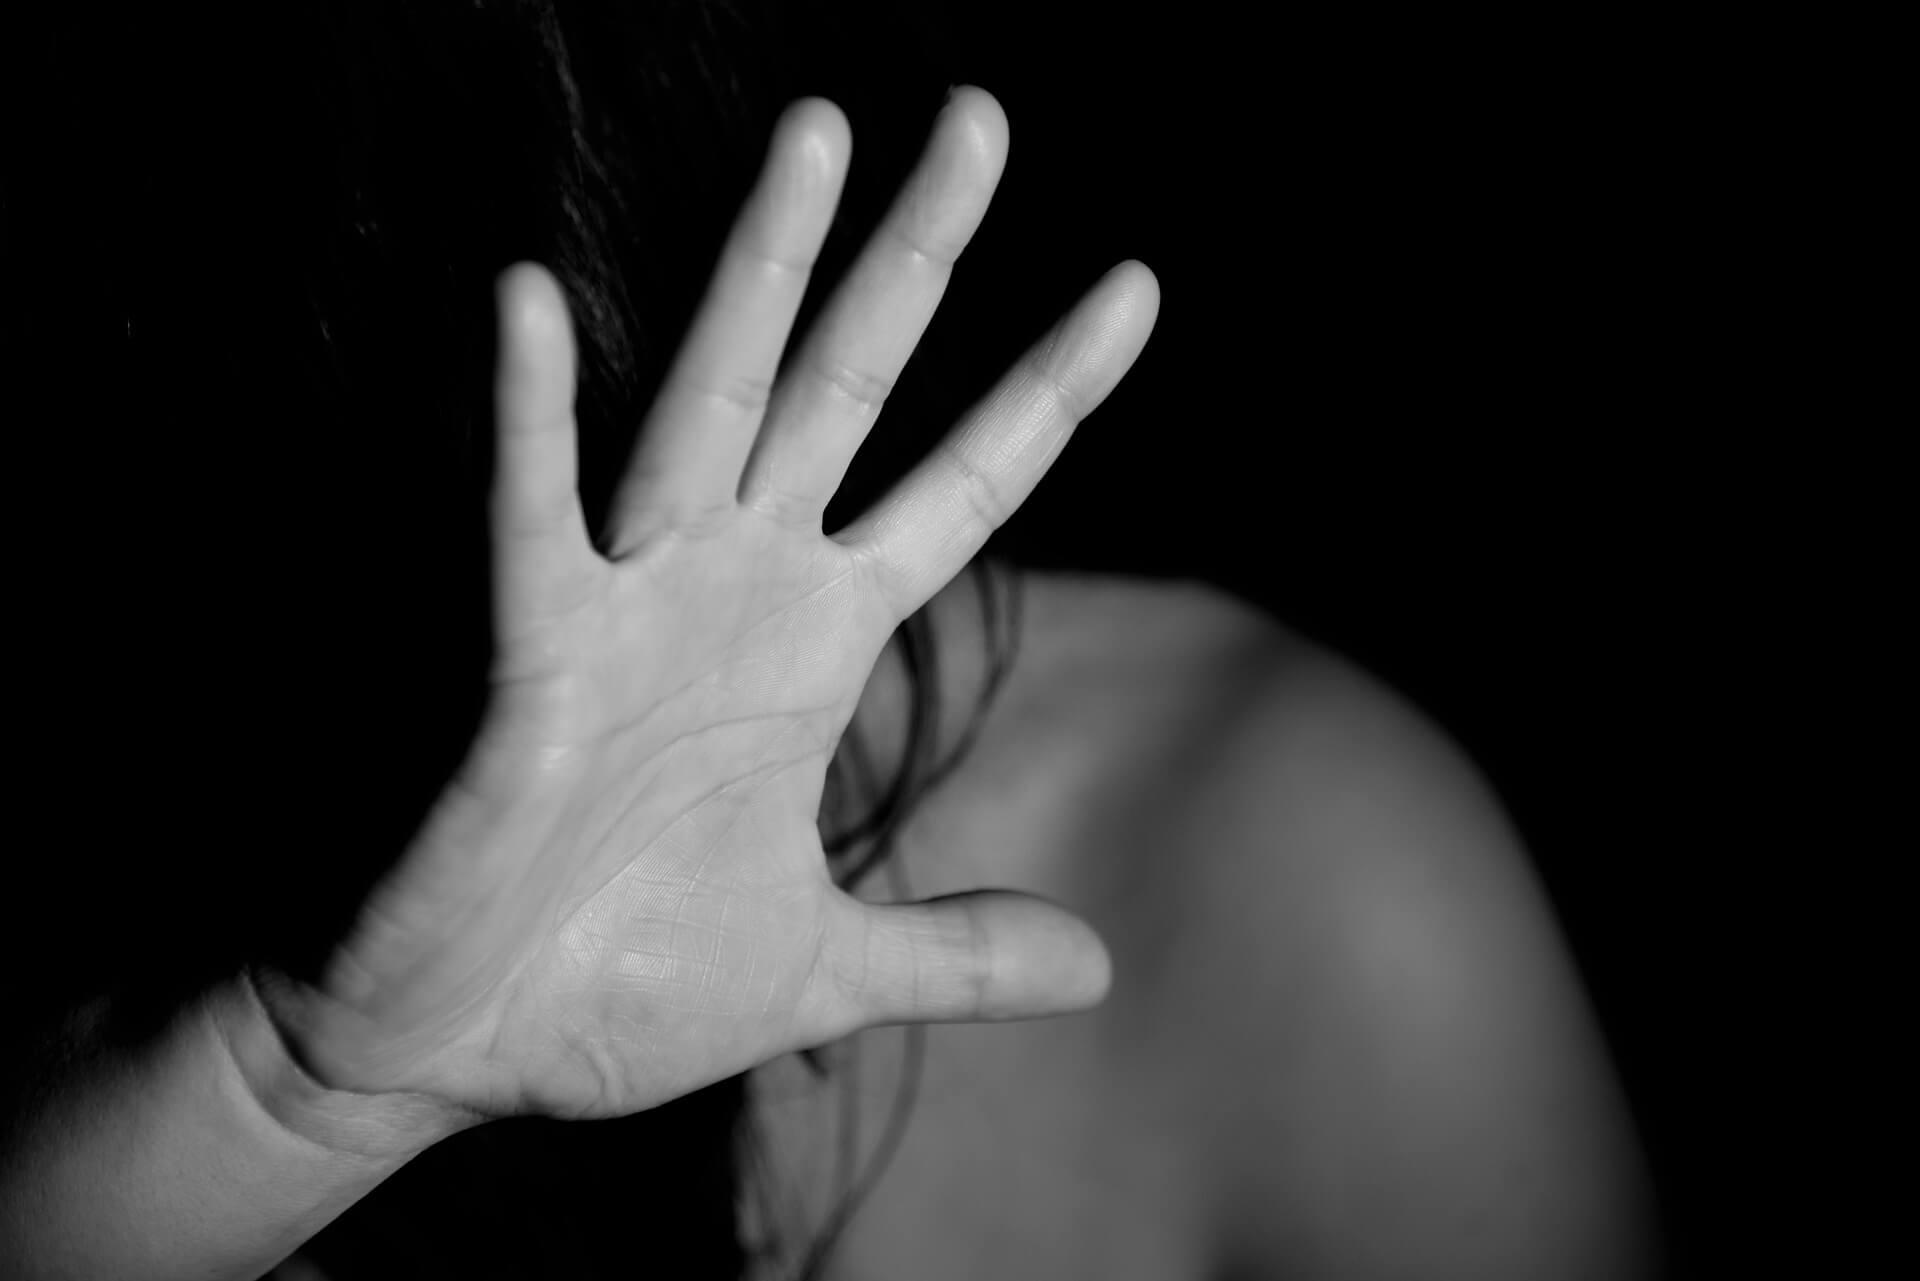 Doble Máster en Violencia Doméstica y de Género